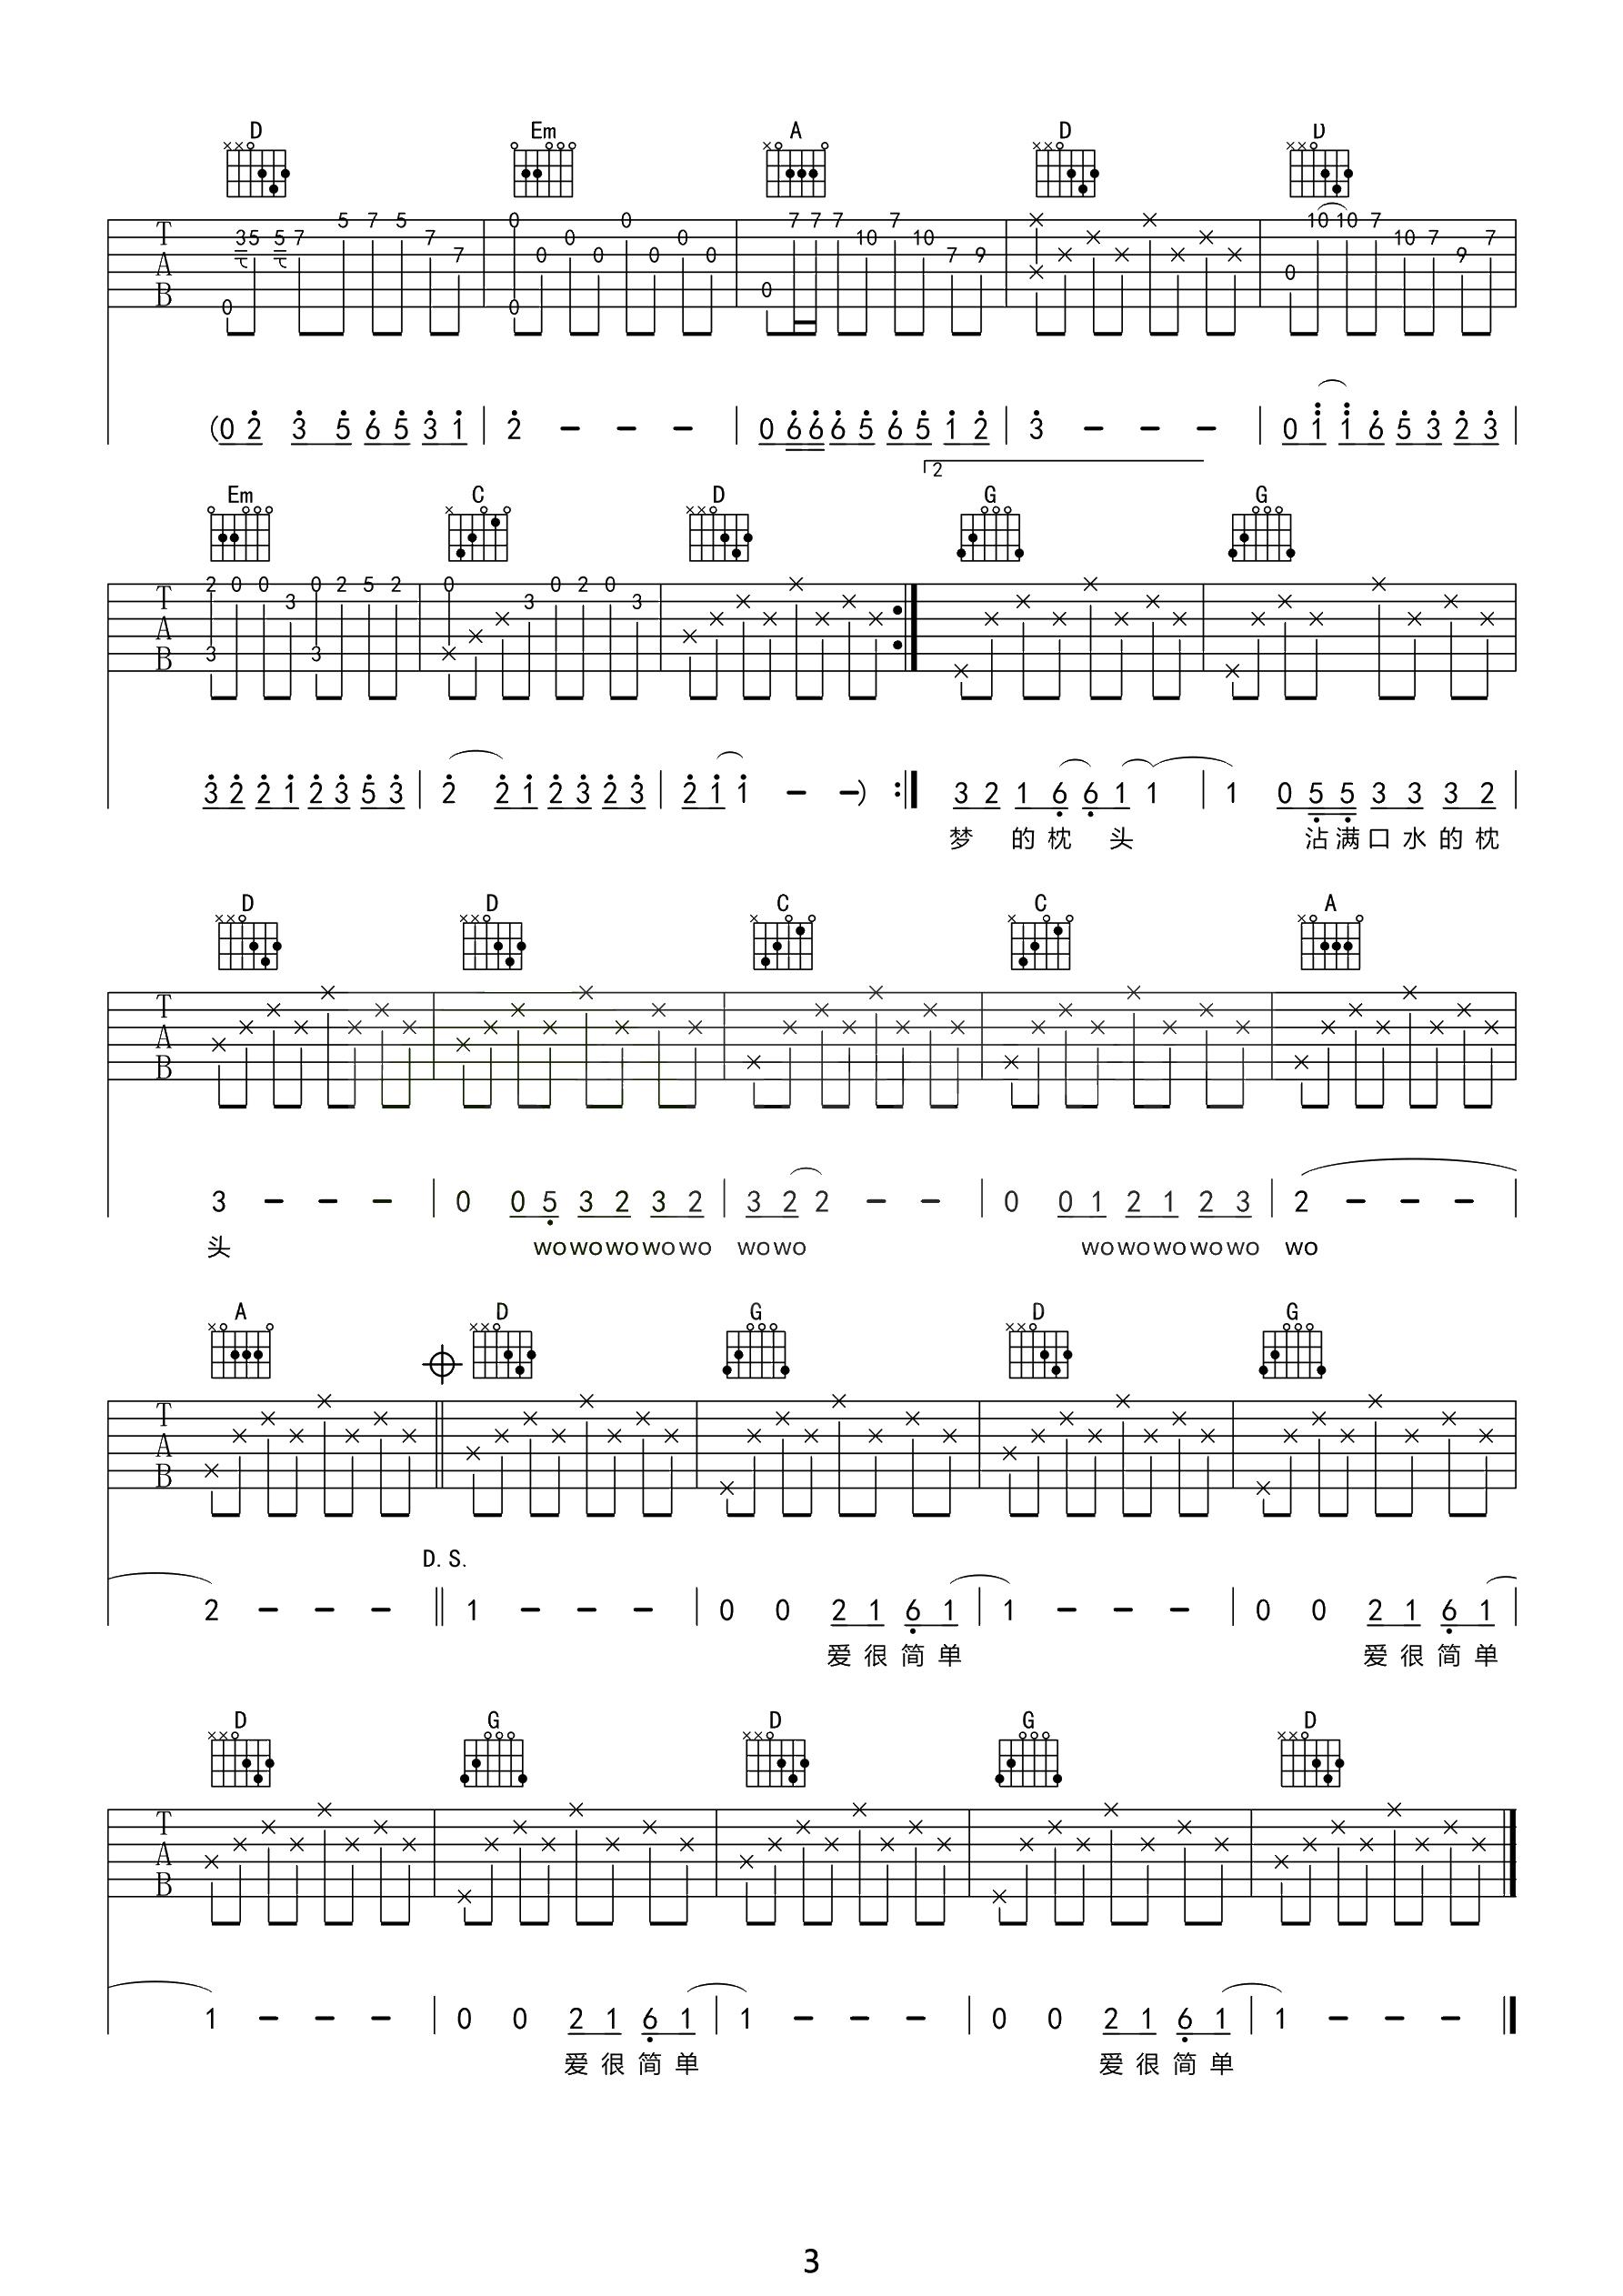 赵雷《少年锦时》吉他谱 D调原版吉他弹唱谱3